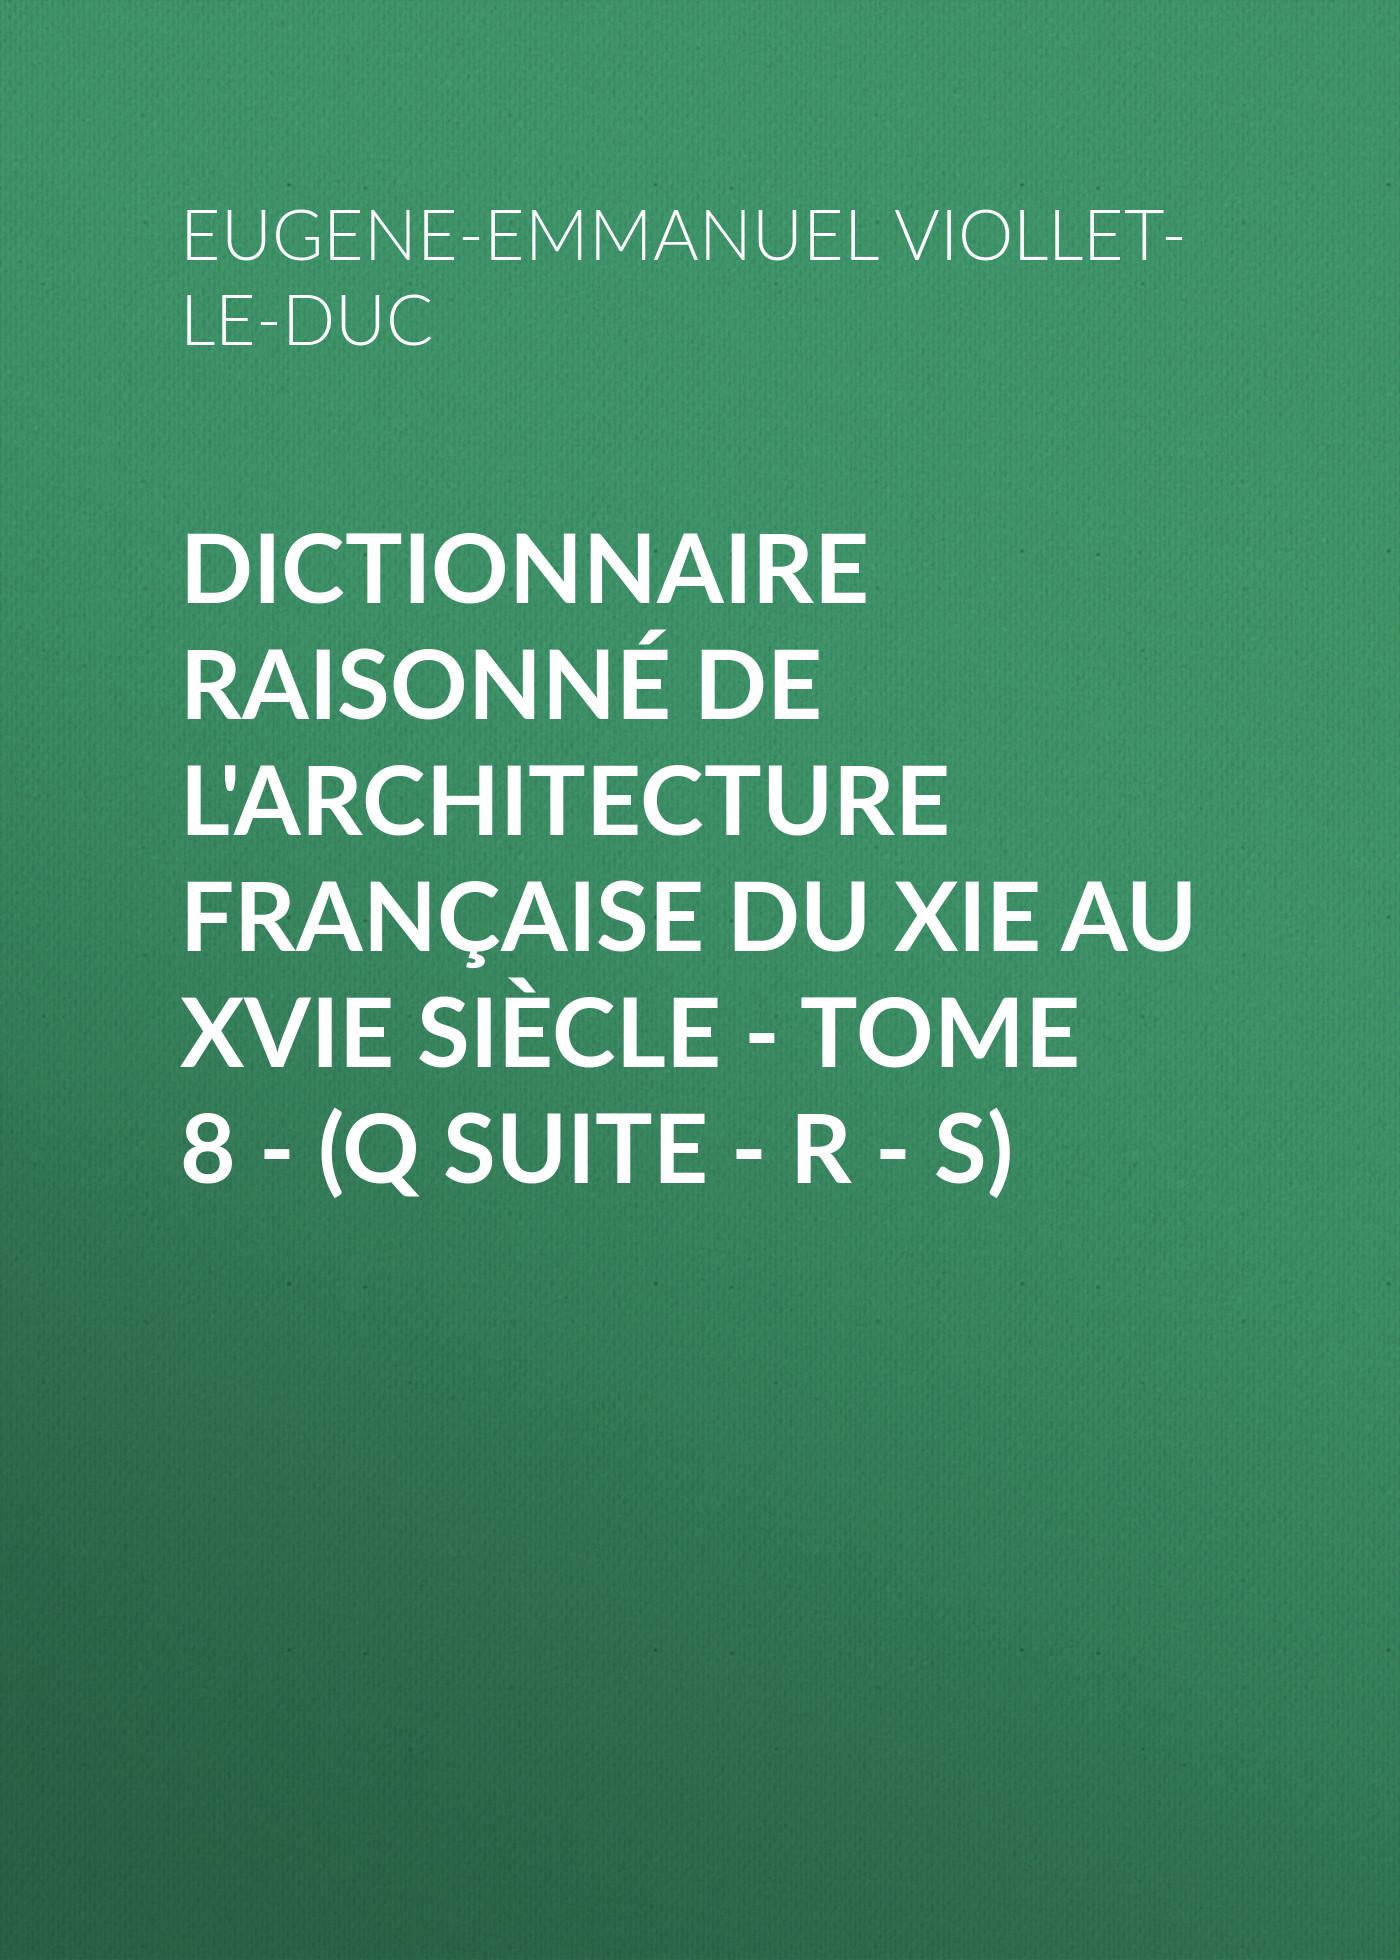 Dictionnaire raisonné de l\'architecture française du XIe au XVIe siècle - Tome 8 - (Q suite - R - S) ( Eugene-Emmanuel Viollet-le-Duc  )